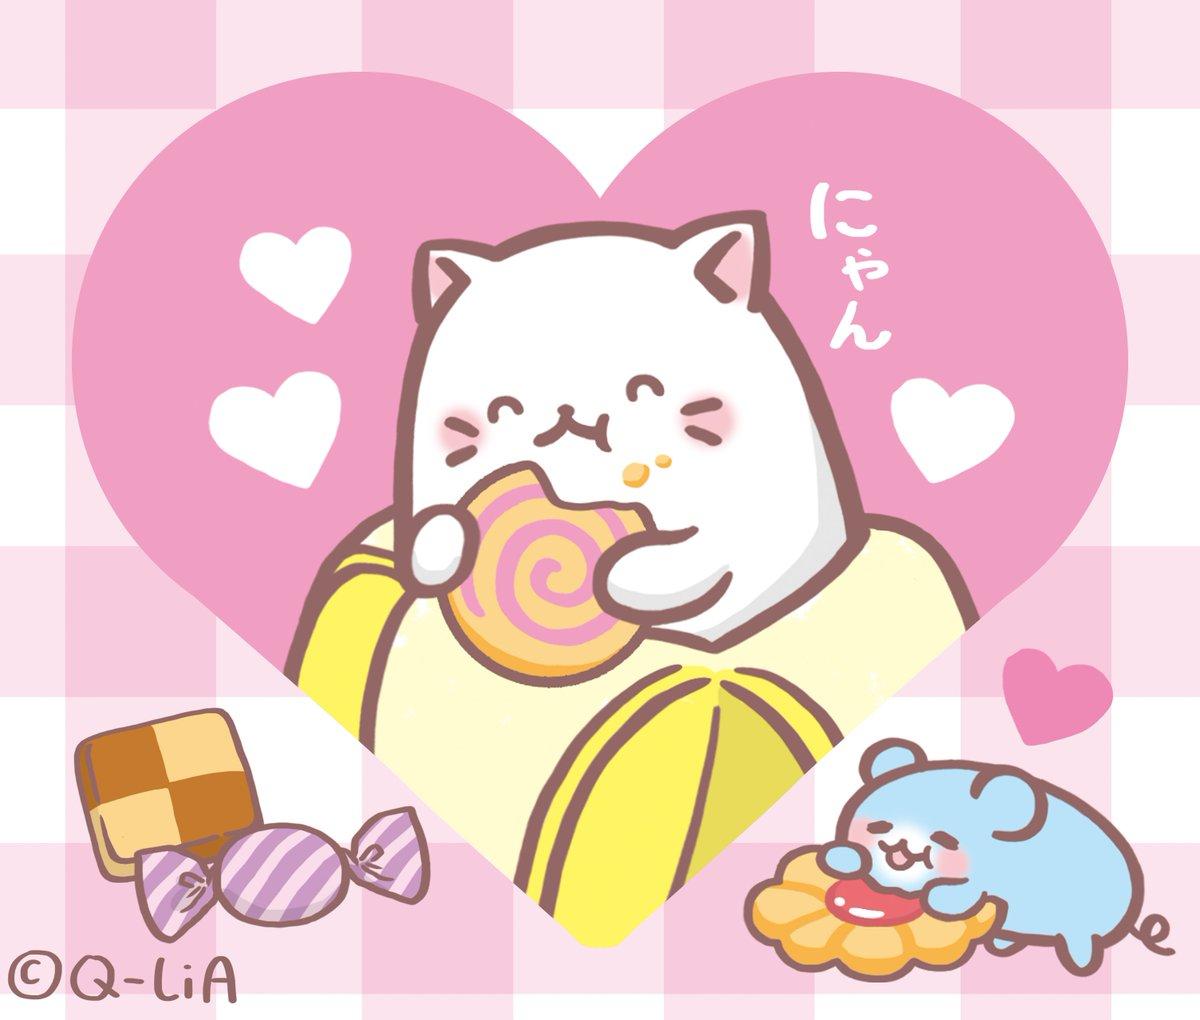 8月10日は #ハートの日  にゃ!! ばなにゃはお菓子を食べて気分はハート気分!!みんなにハッピーをおすそわけするにゃ